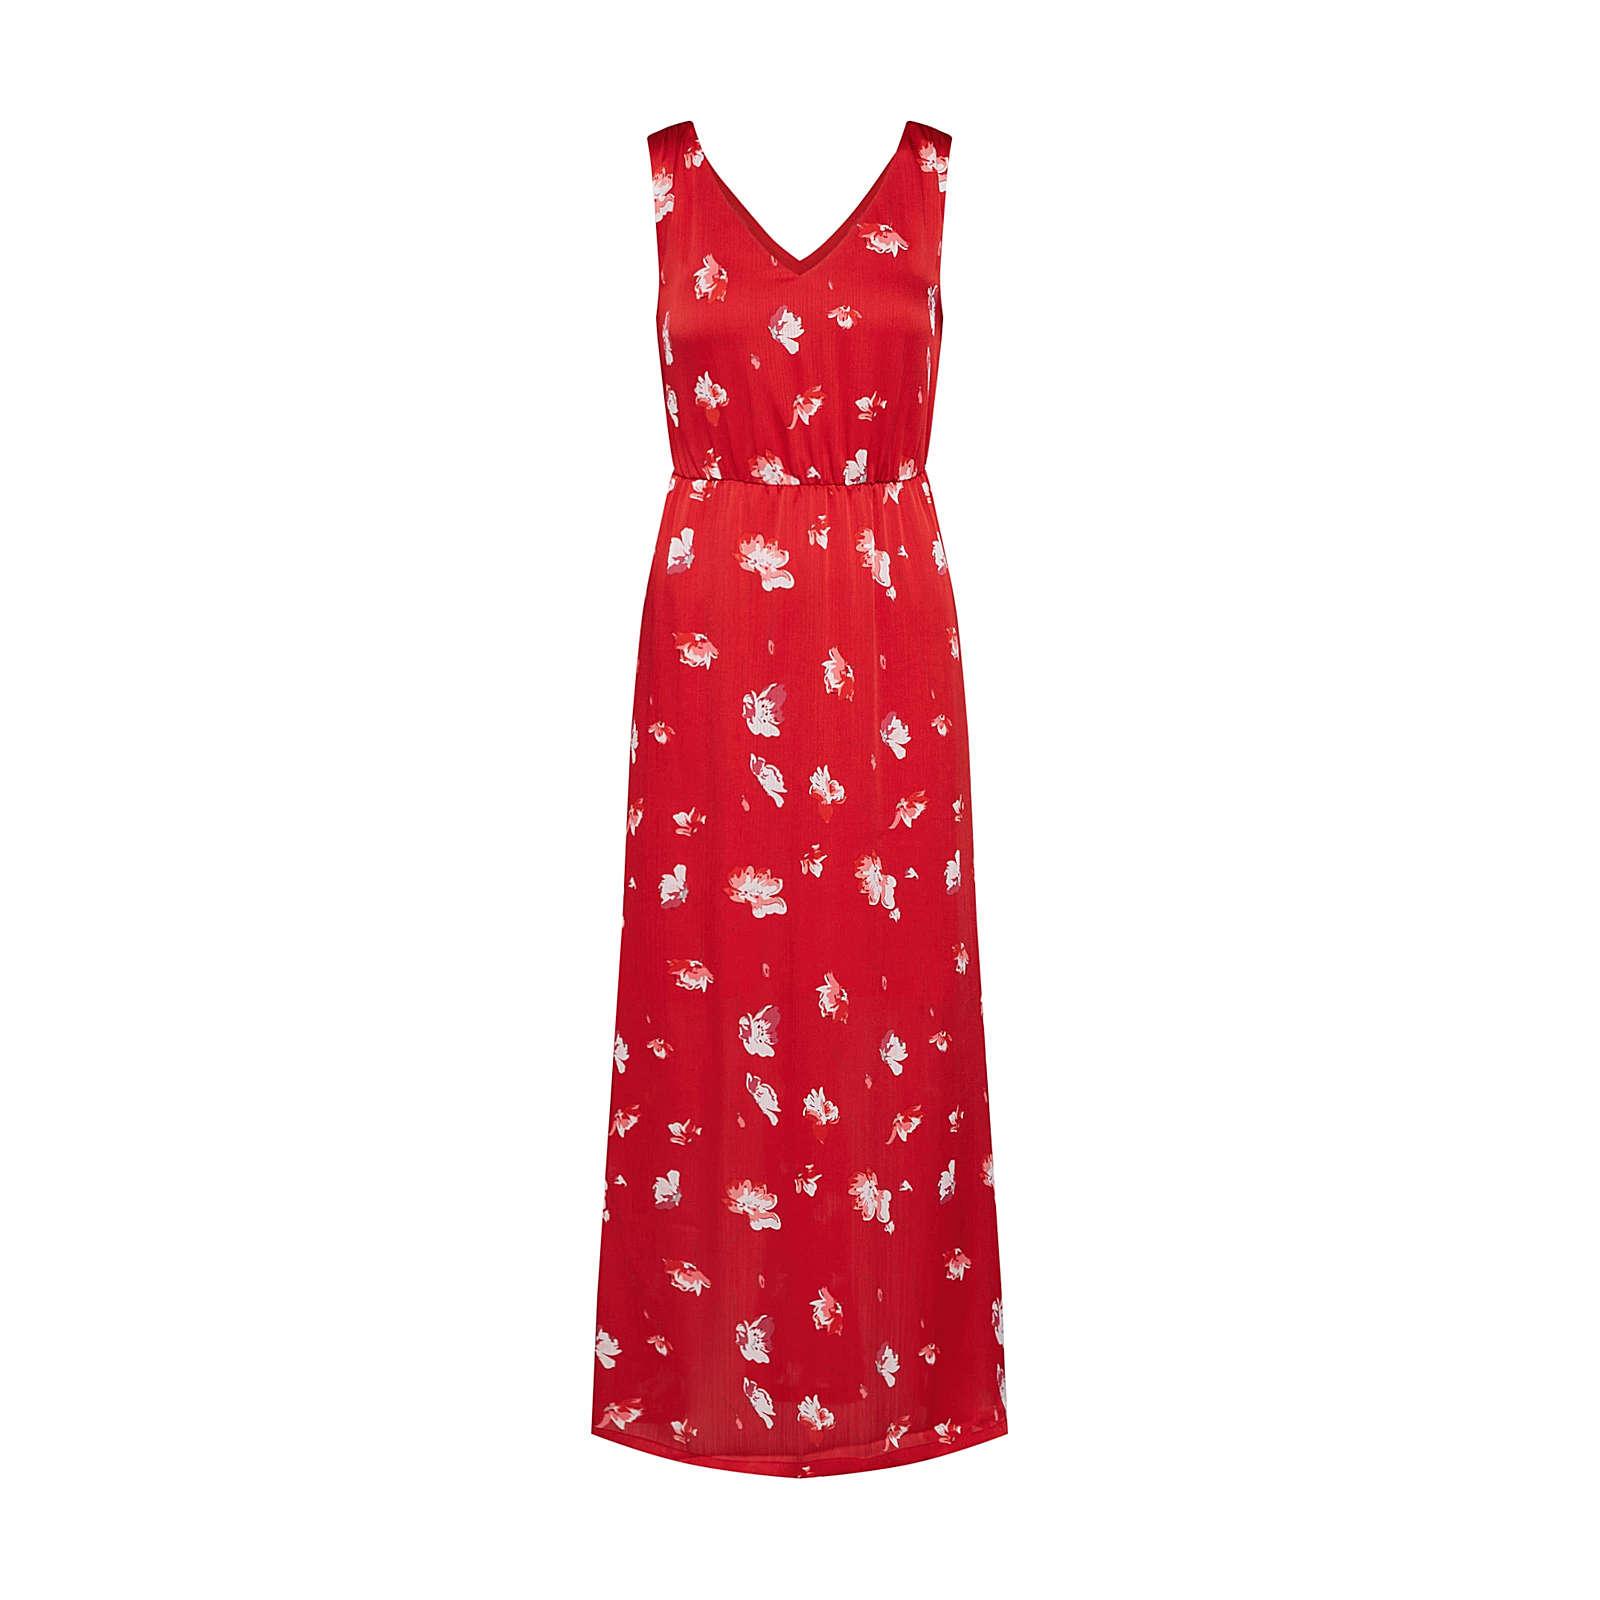 ONLY Sommerkleid Sommerkleider weiß Damen Gr. 42